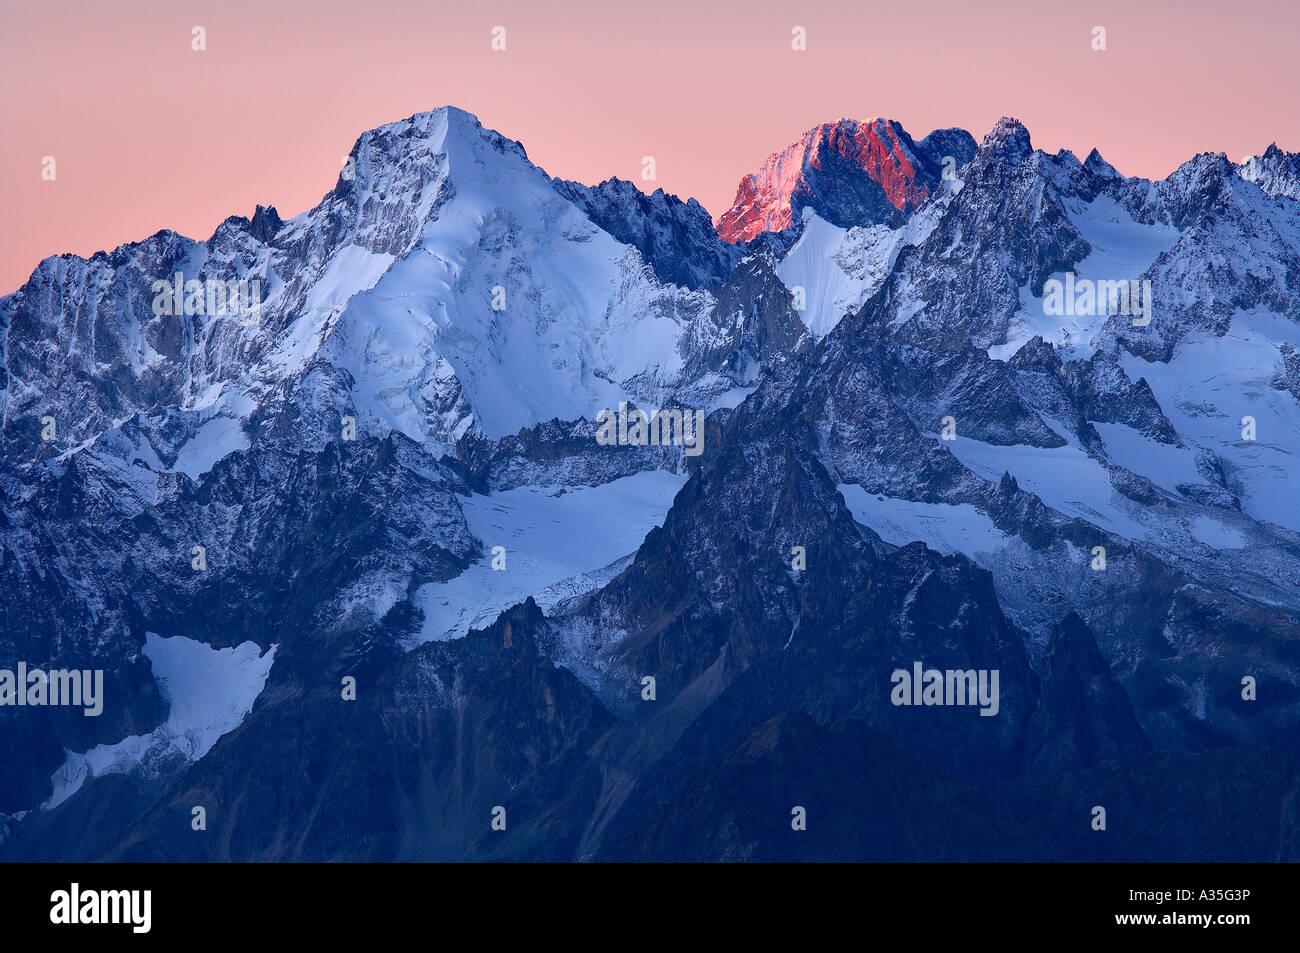 Aiguille d Argentiere and la Tour Noir from the Pierre Avoi at dawn, Four Valleys region, La Valais Switzerland. - Stock Image